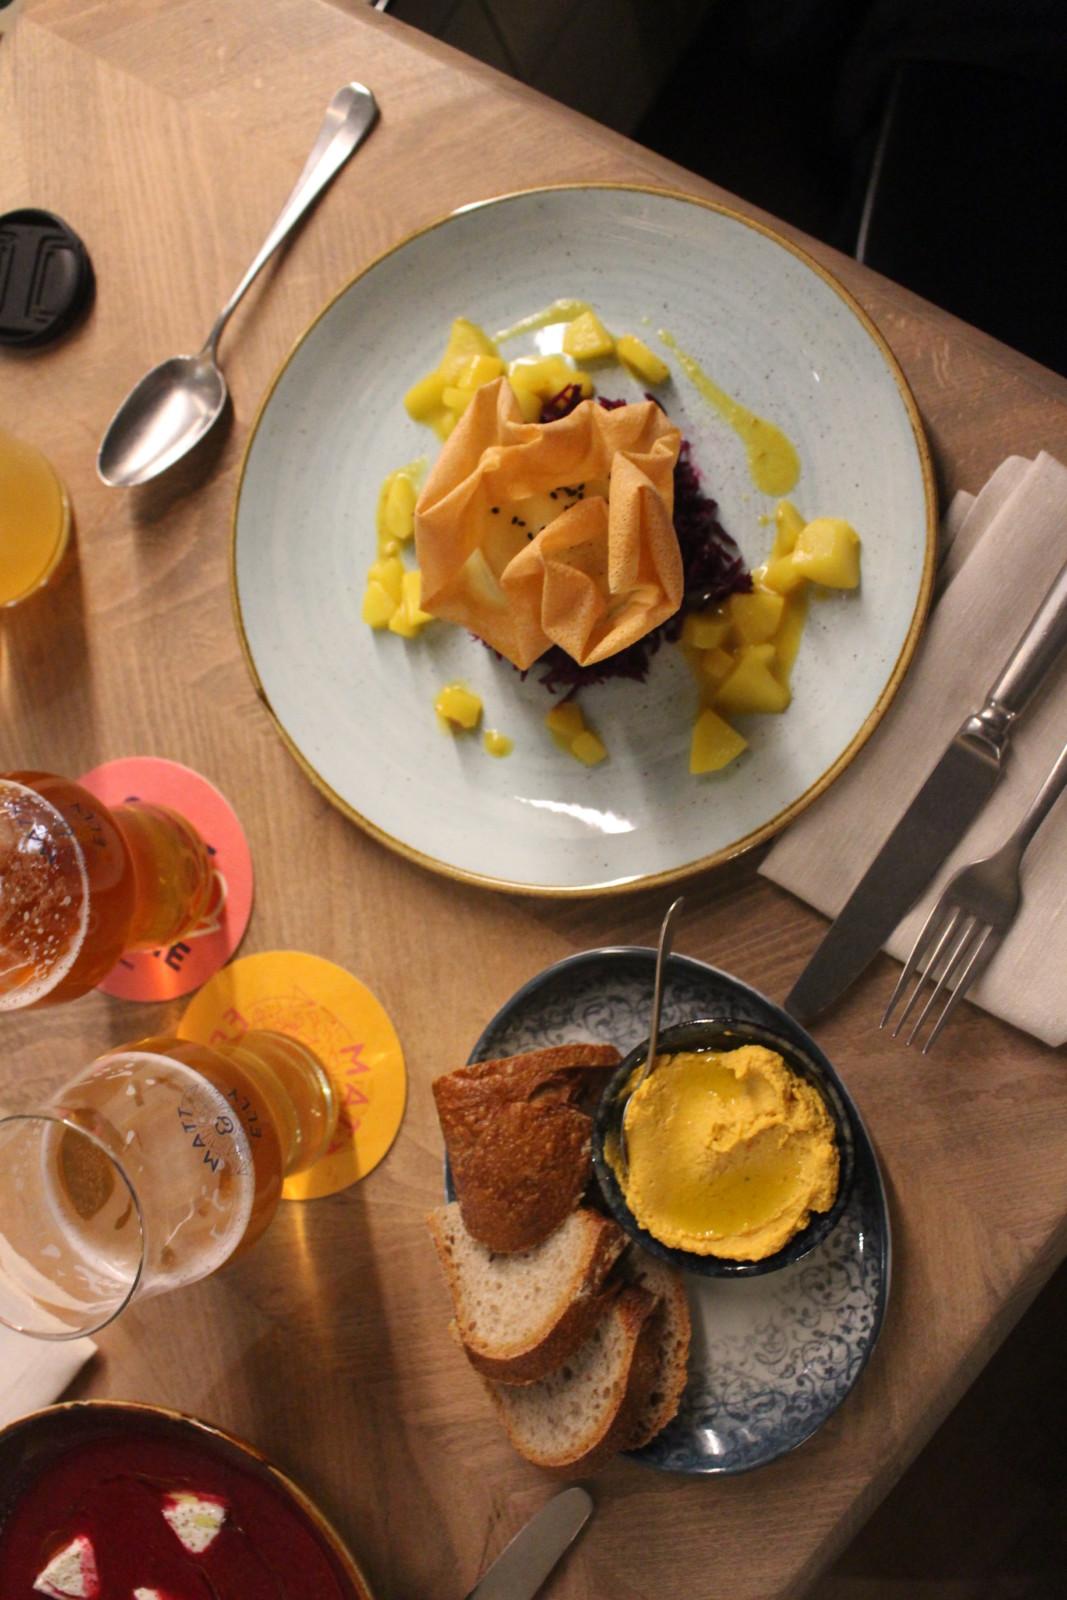 Foto: Lunchgate/Sydney